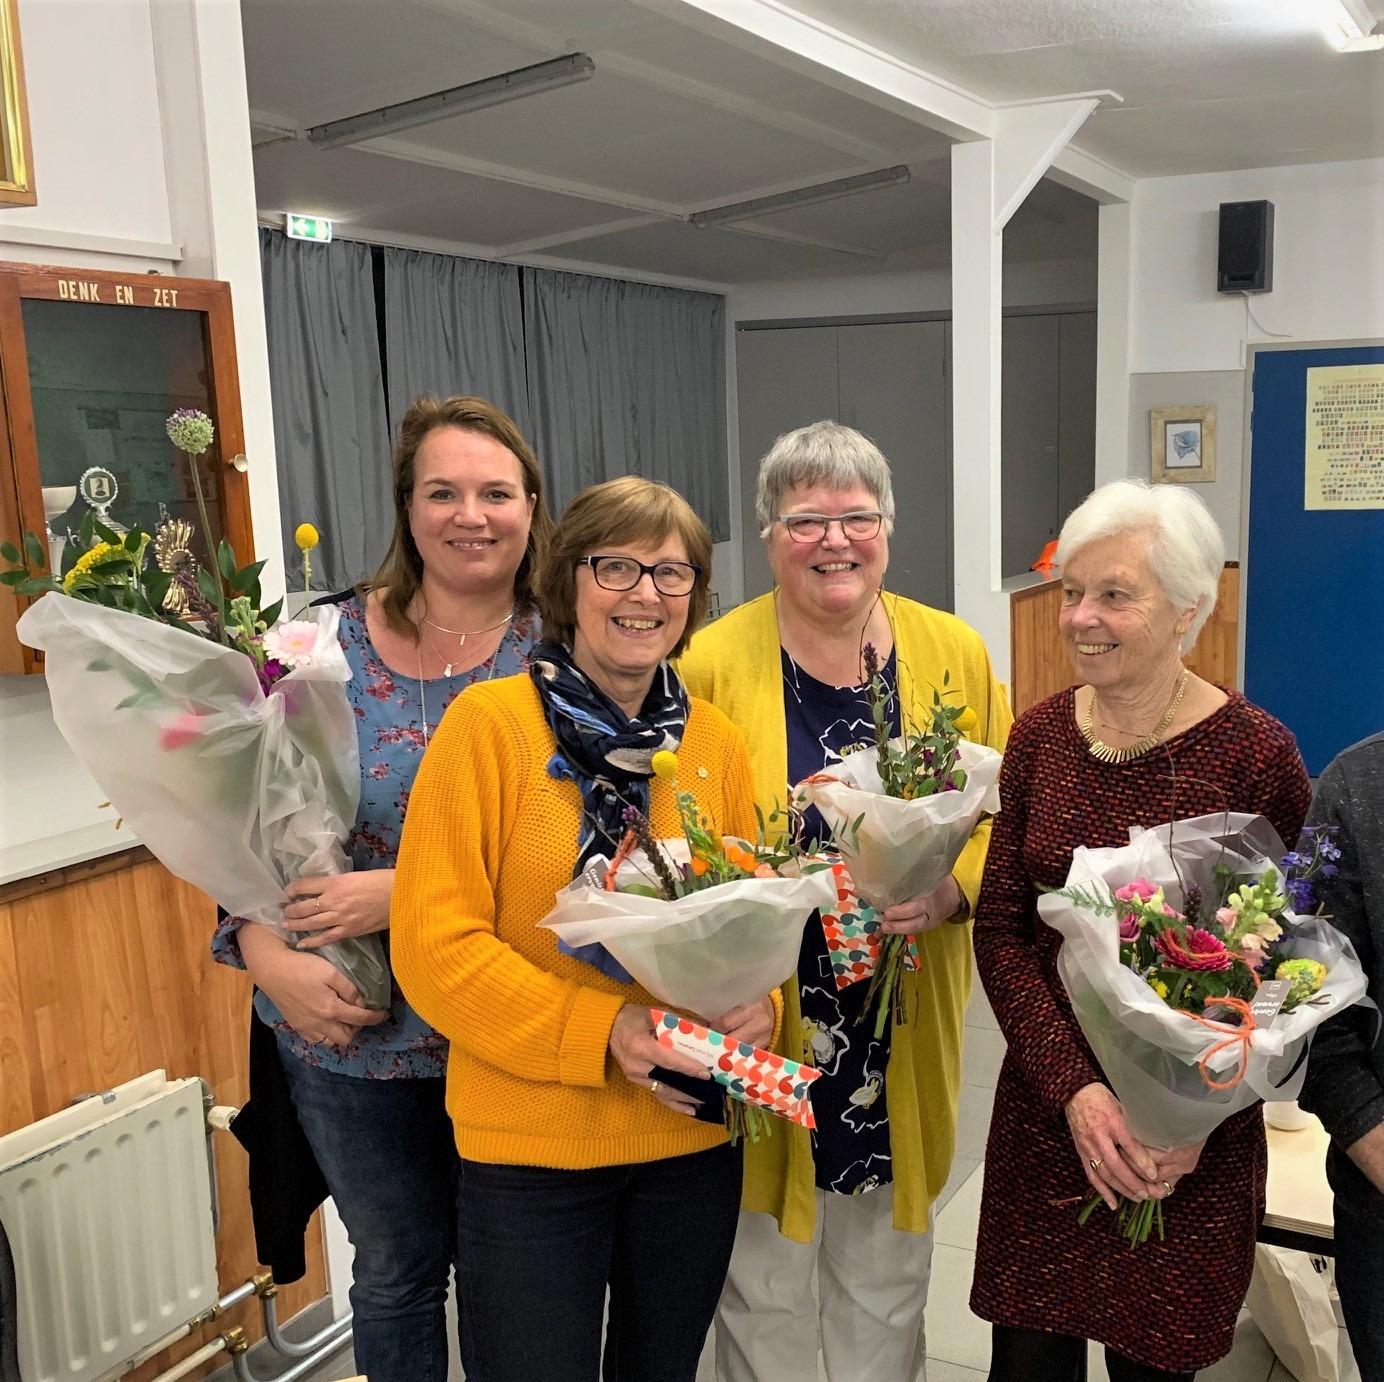 Van links naar rechts: Thersa Noomen, Marike van der Linden, Janny van den Berg en Leonoor van Kempen